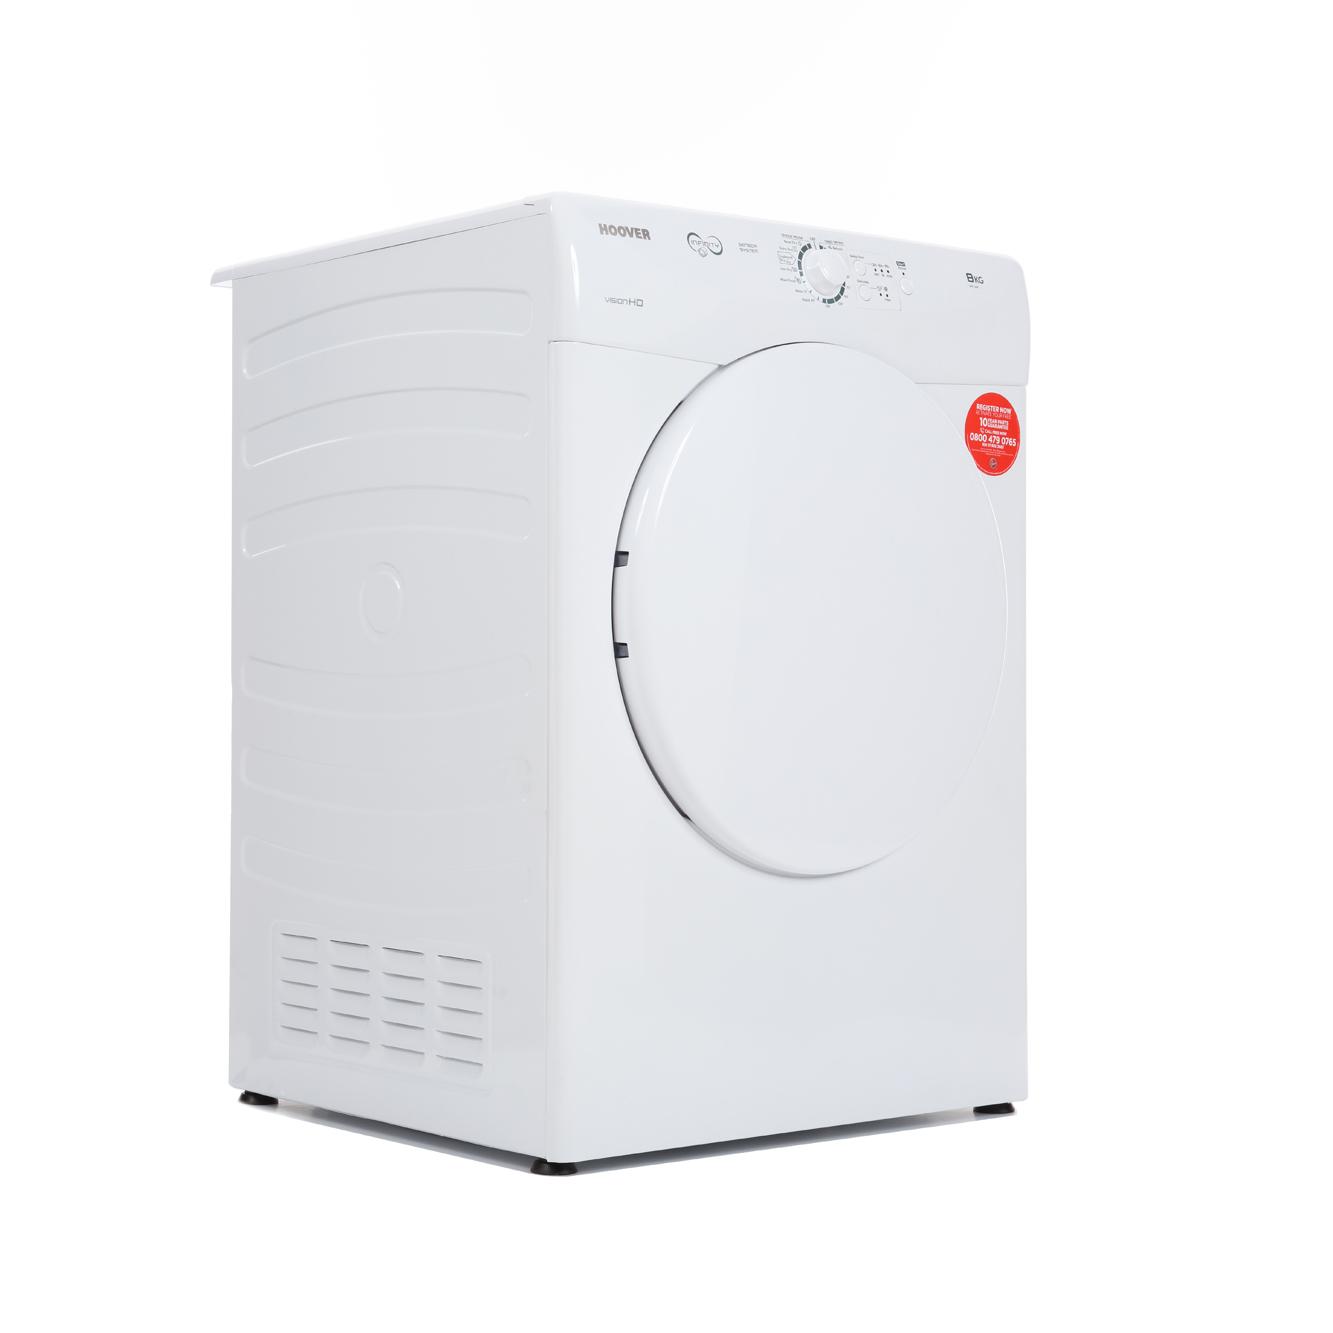 Hoover VHV68C Vented Dryer